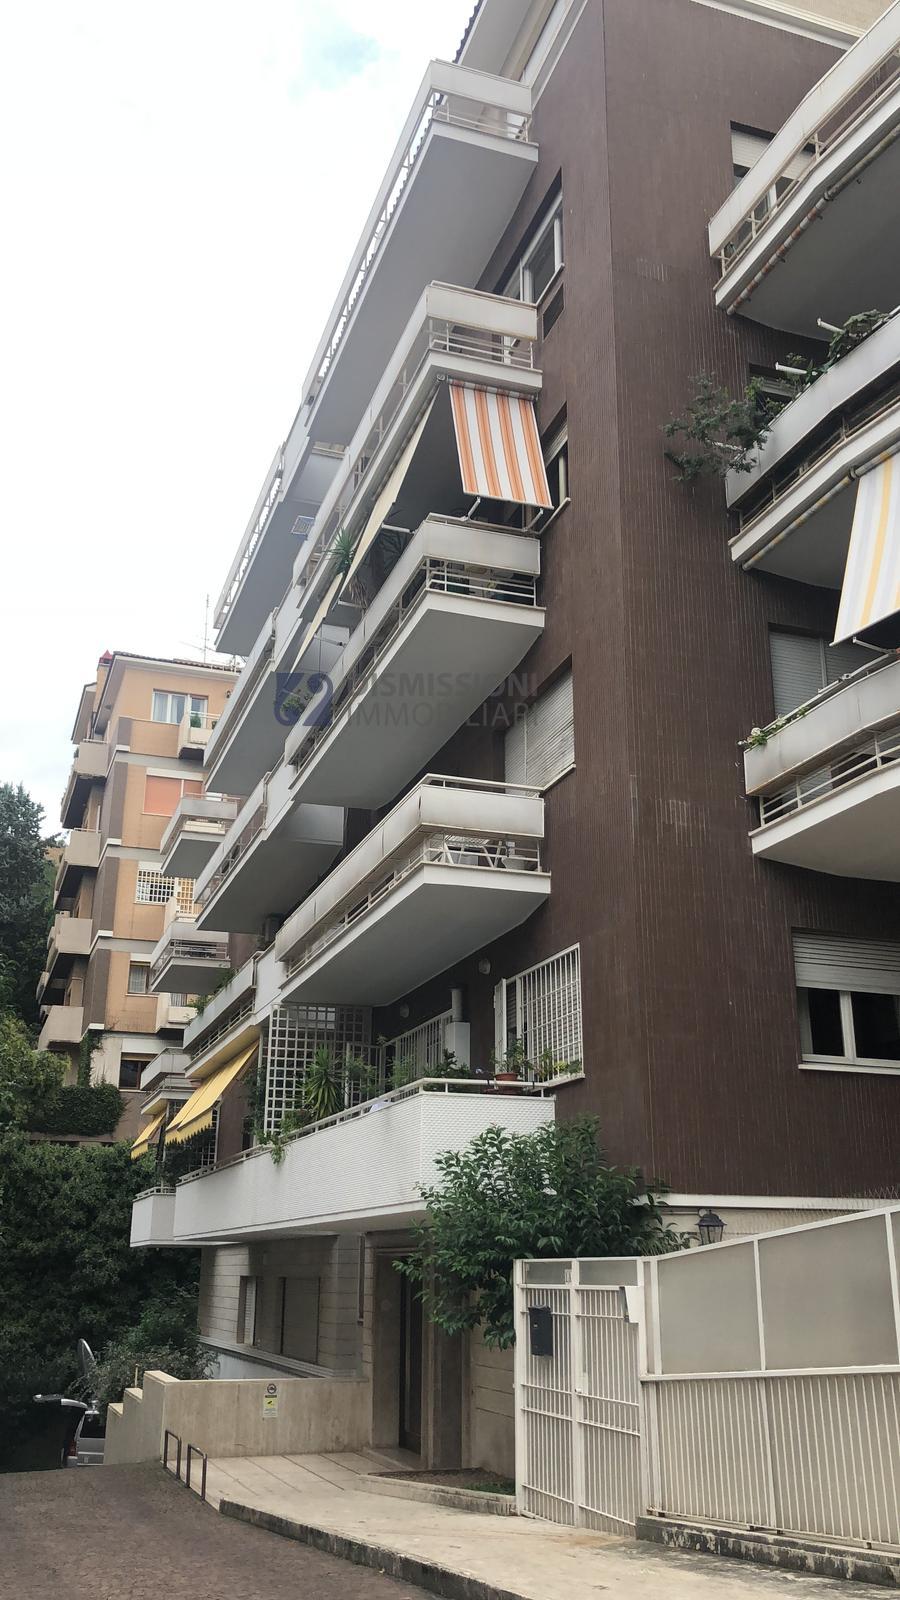 vendita appartamento roma san pietro  250000 euro  3 locali  64 mq